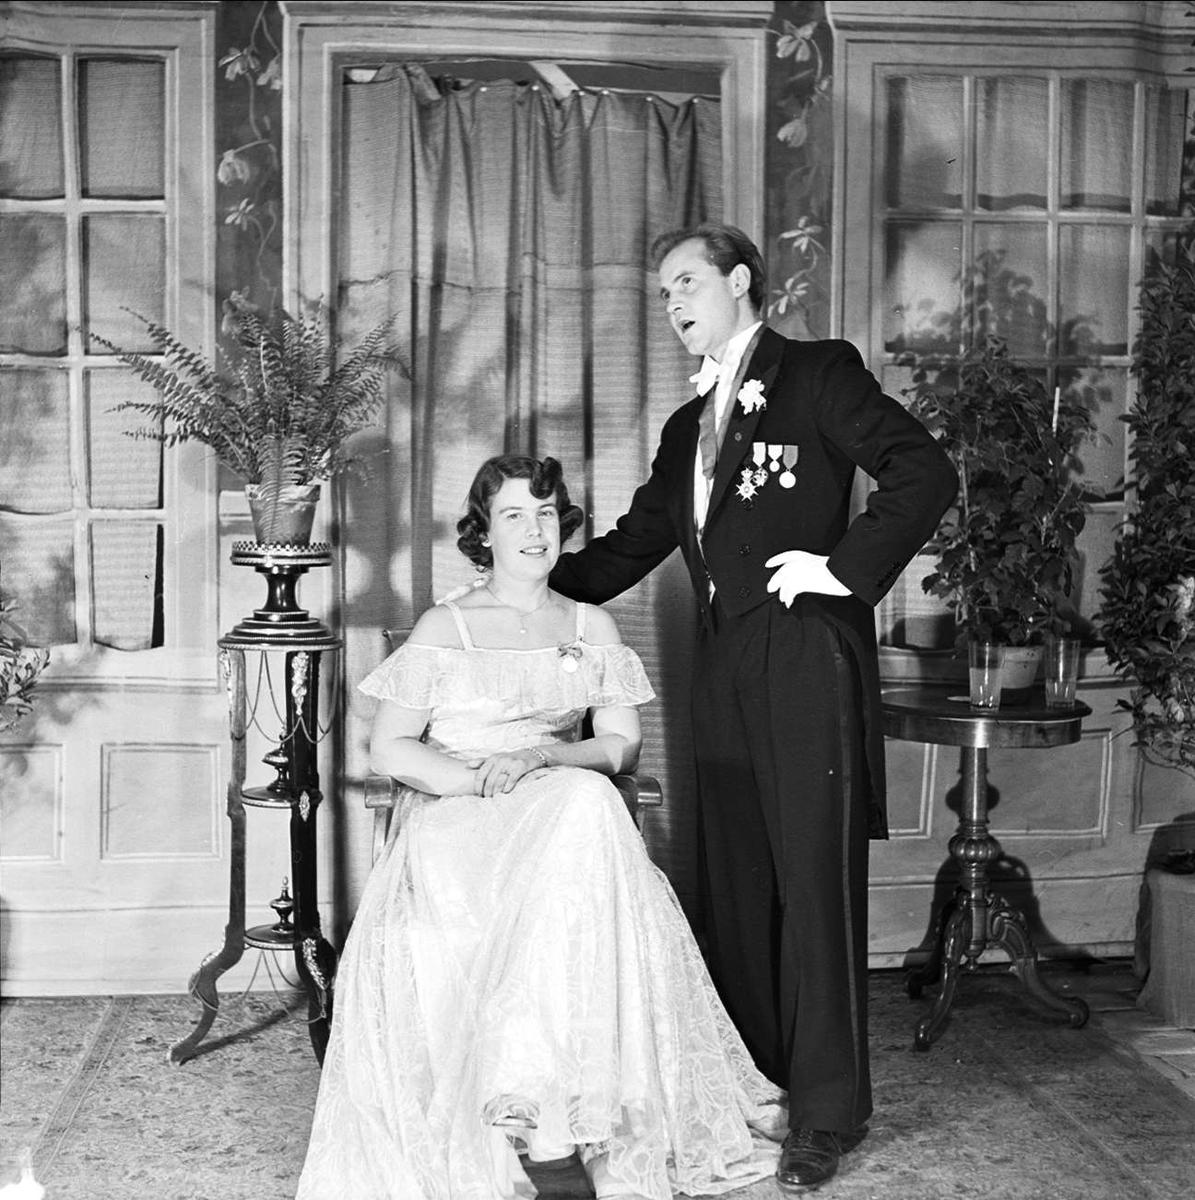 Ateljéporträtt - sannolikt Grunditz, Juvenalorden, Uppsala 1948